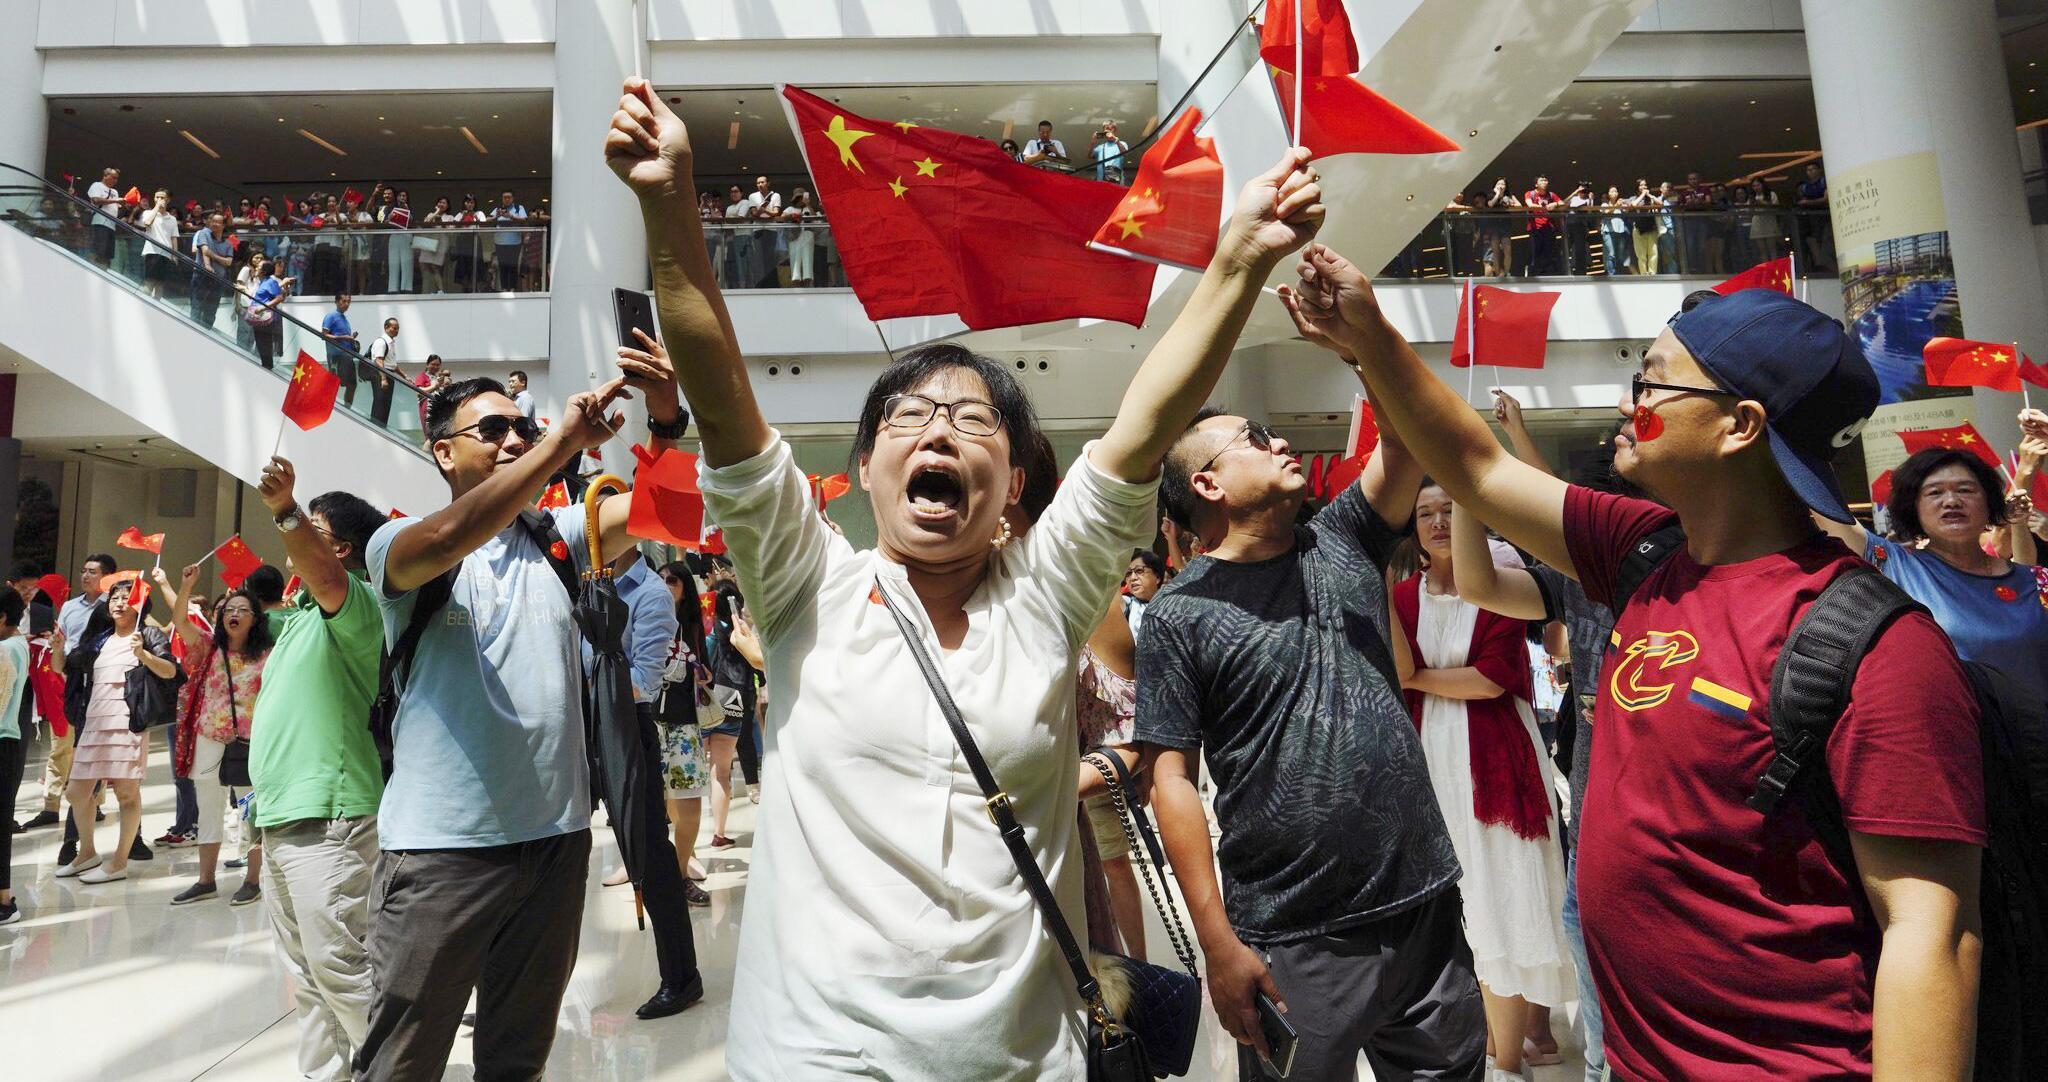 Bild zu Prochinesische Proteste in Hongkong